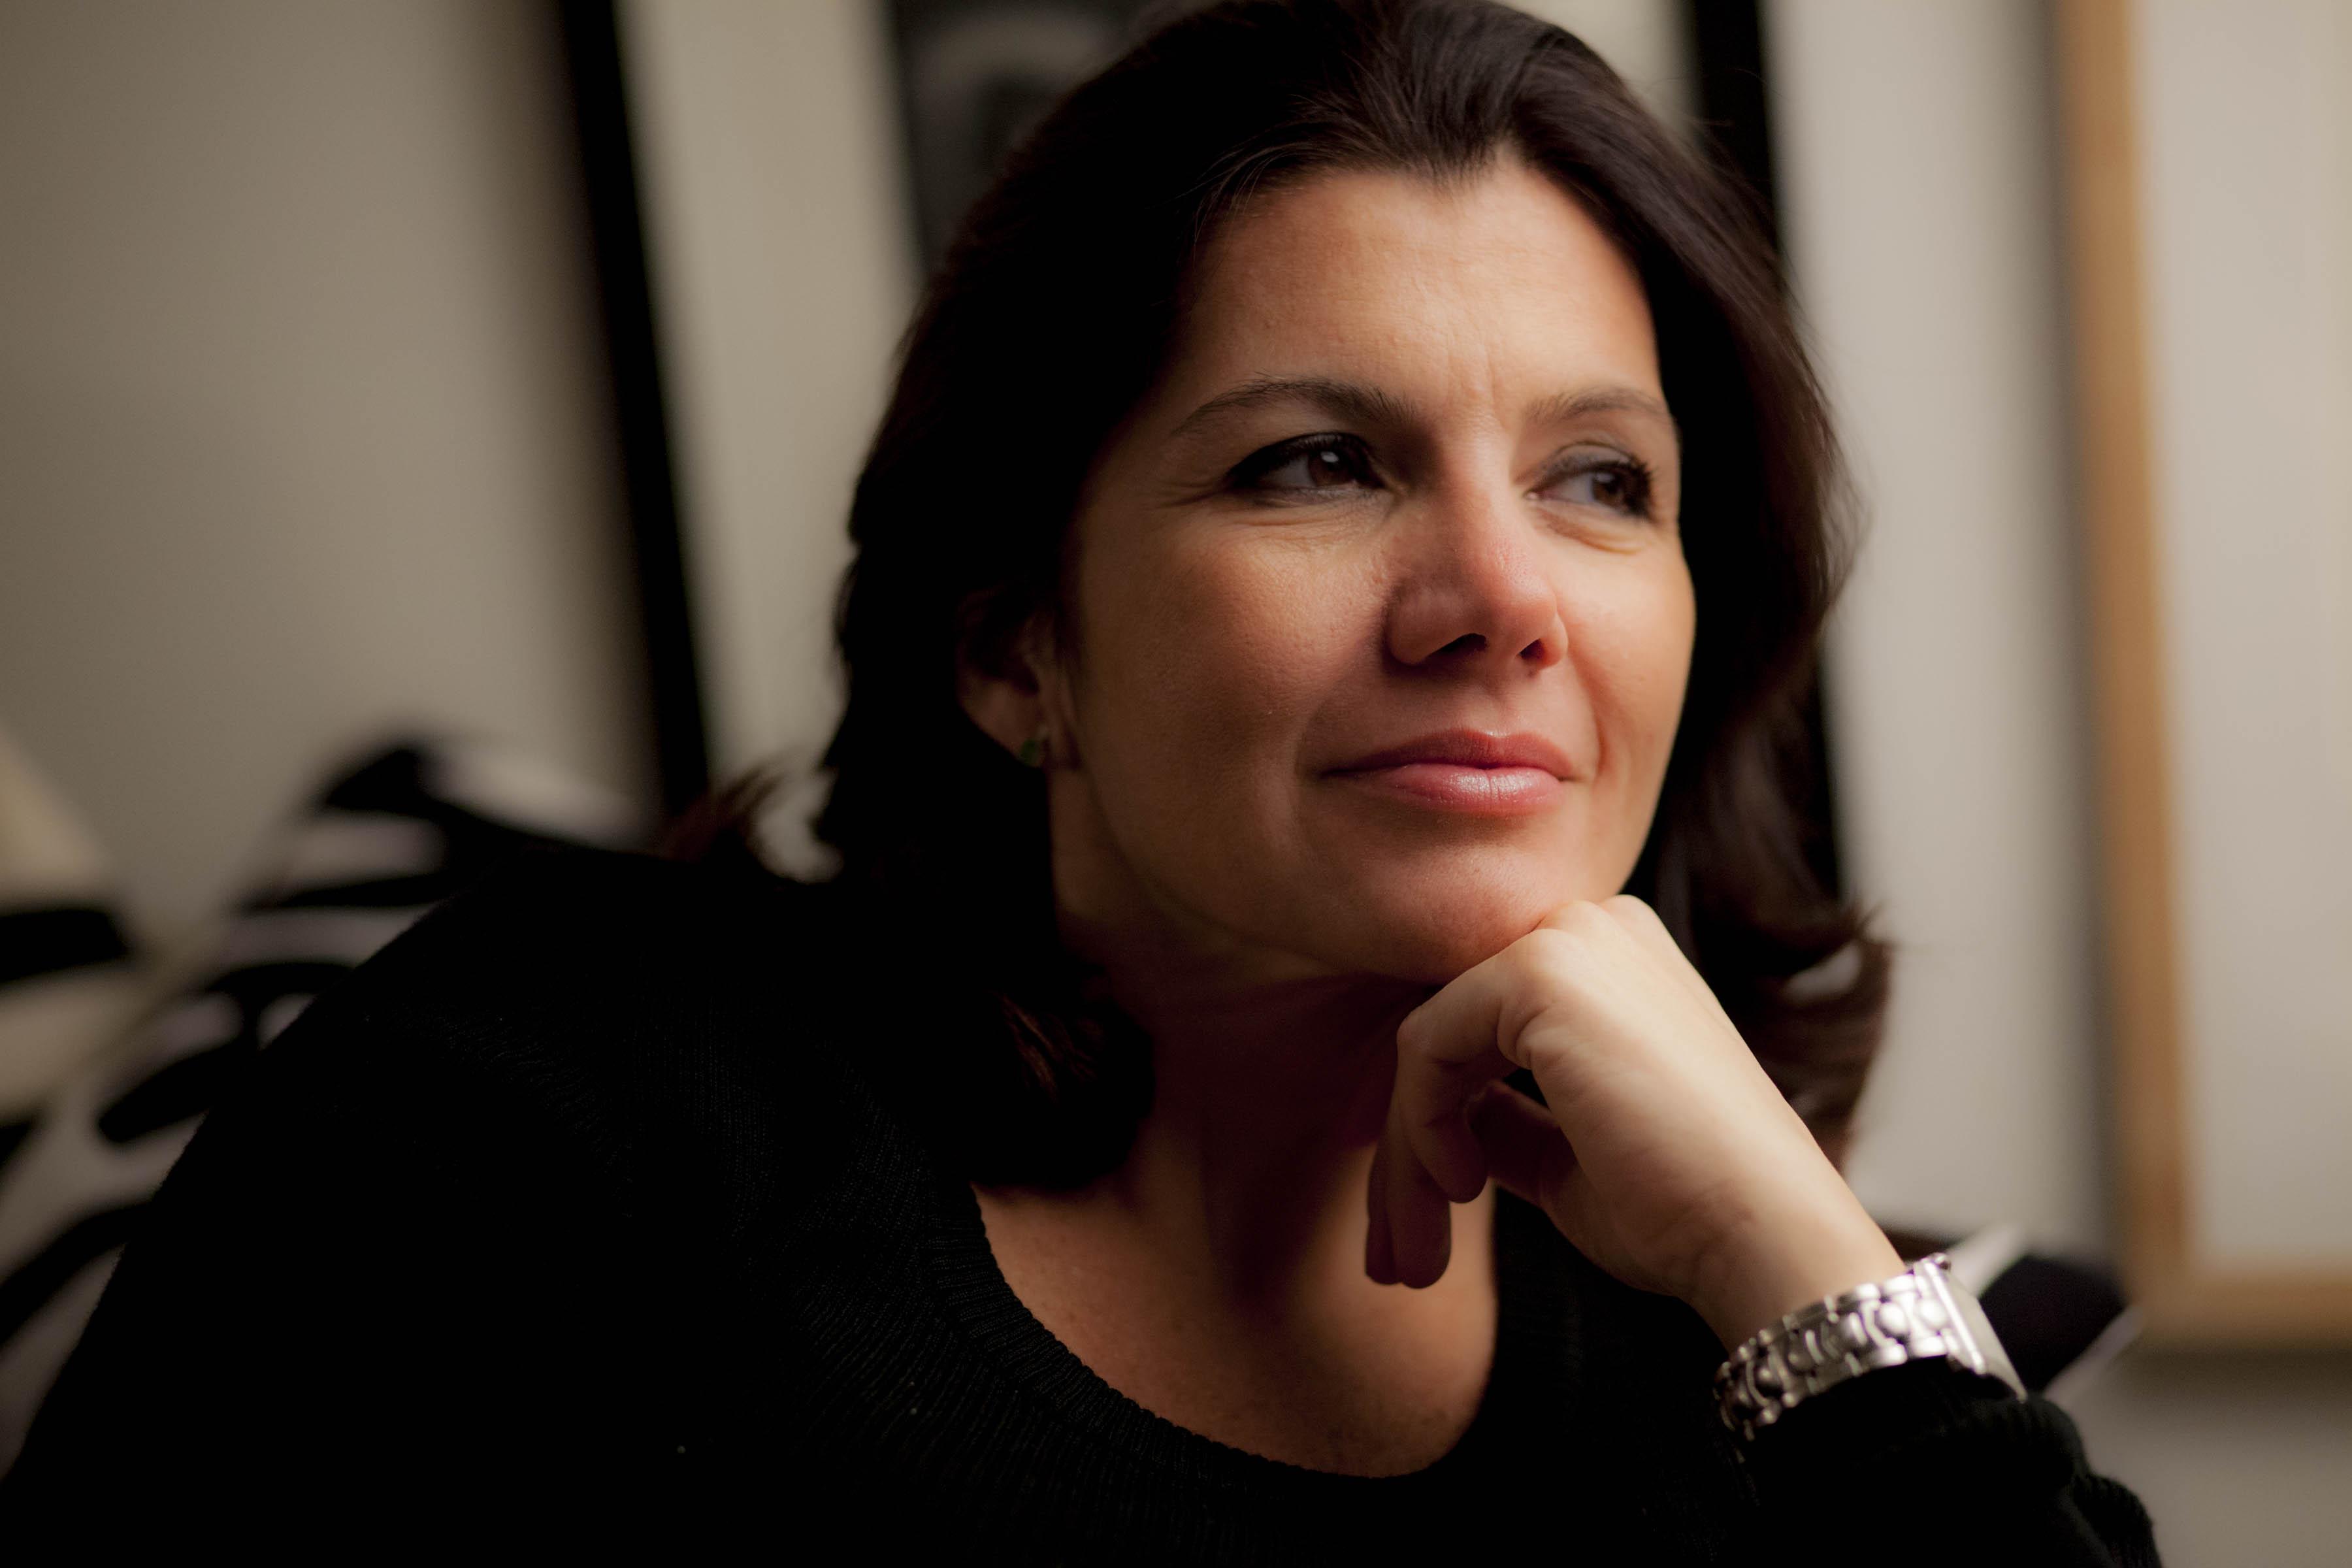 Women who inspire: Leslie Gabaldon